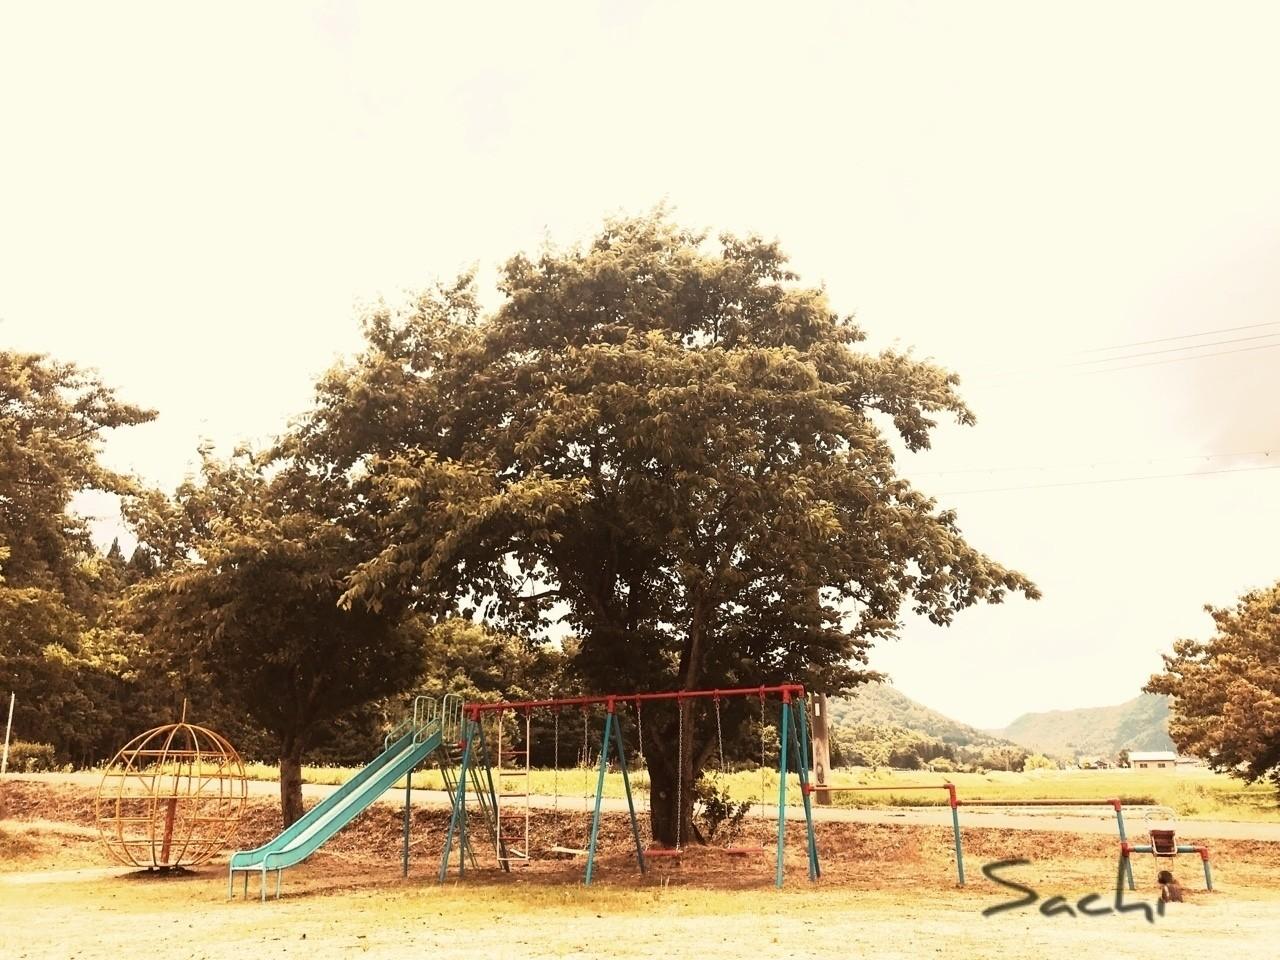 風の音がして  勢いに乗って  空に向かって一直線に  飛んでいけそうな感覚  好きだったな   #写真 #ブランコ #遊具 #小さな公園 #飛べそう